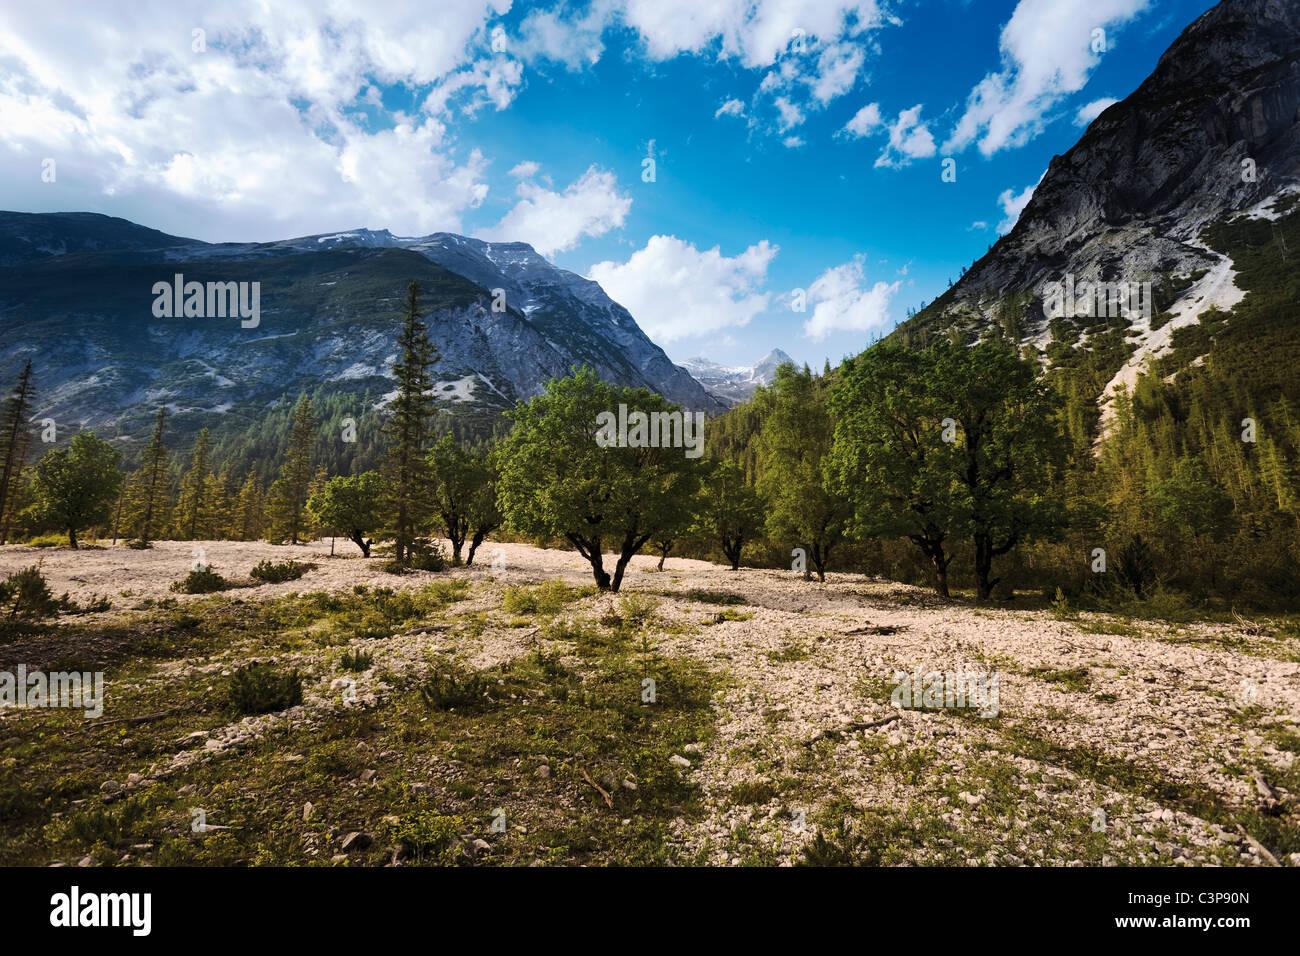 Österreich, Tirol, Blick auf Landschaft mit Bergen im Hintergrund Stockbild